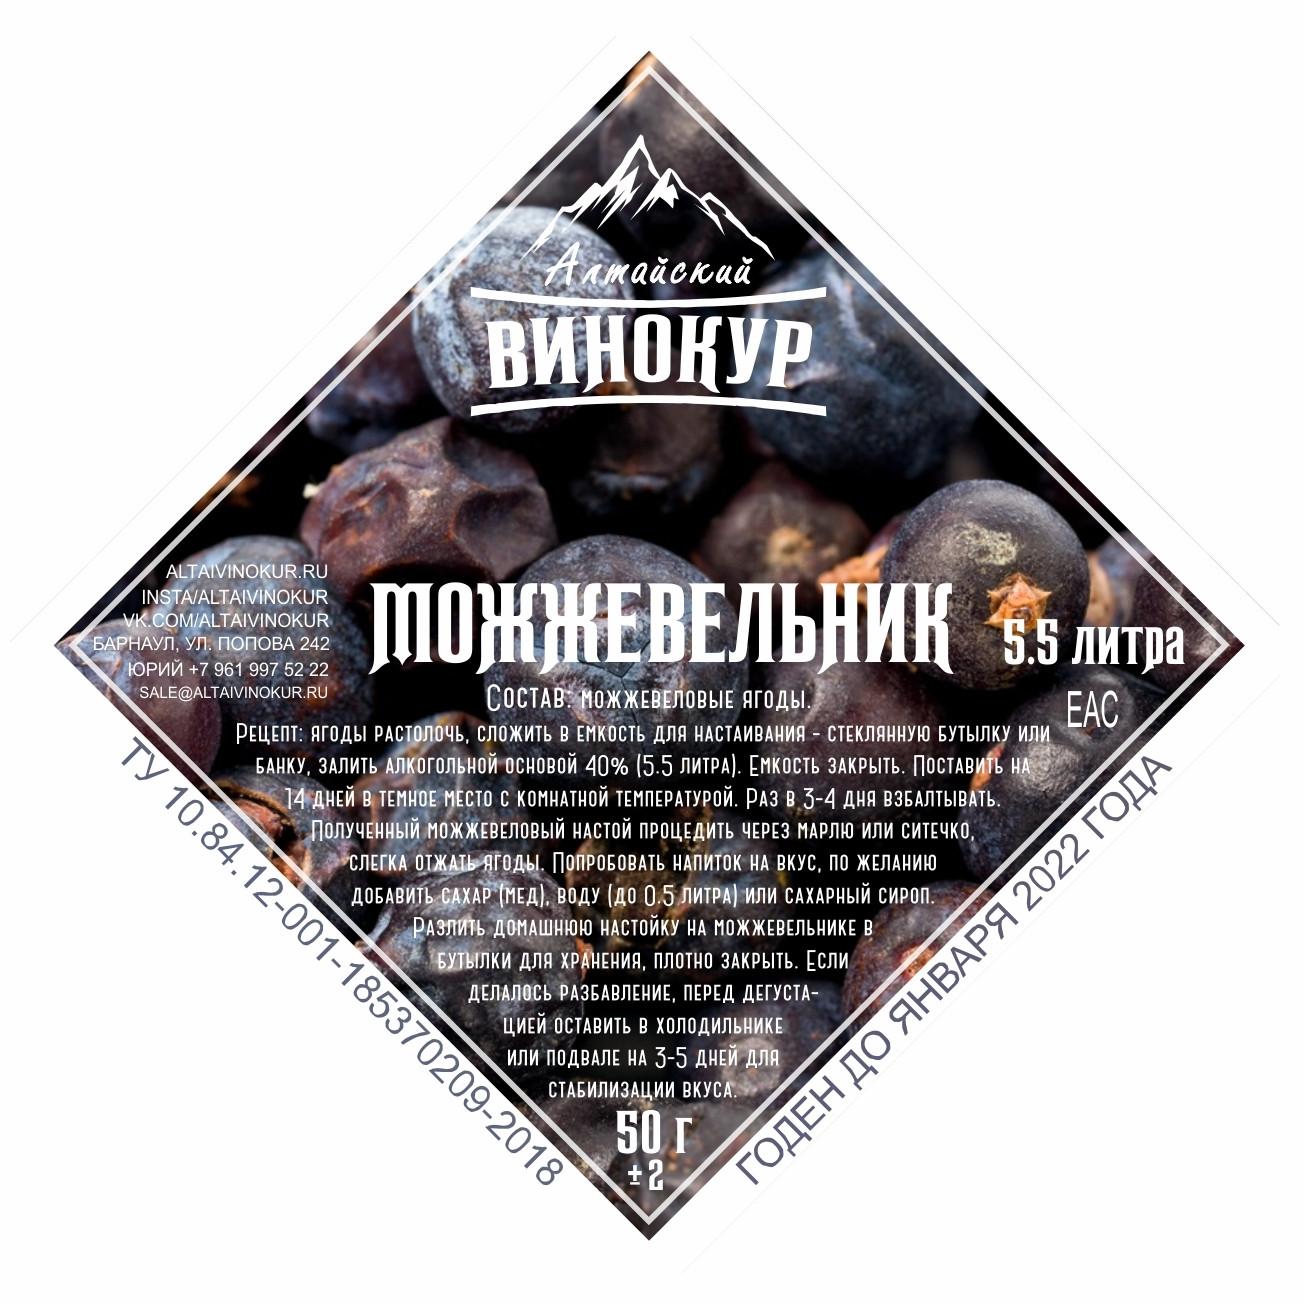 """Набор для настаивания """"Ягоды можжевельника"""" (Алтайский винокур)"""